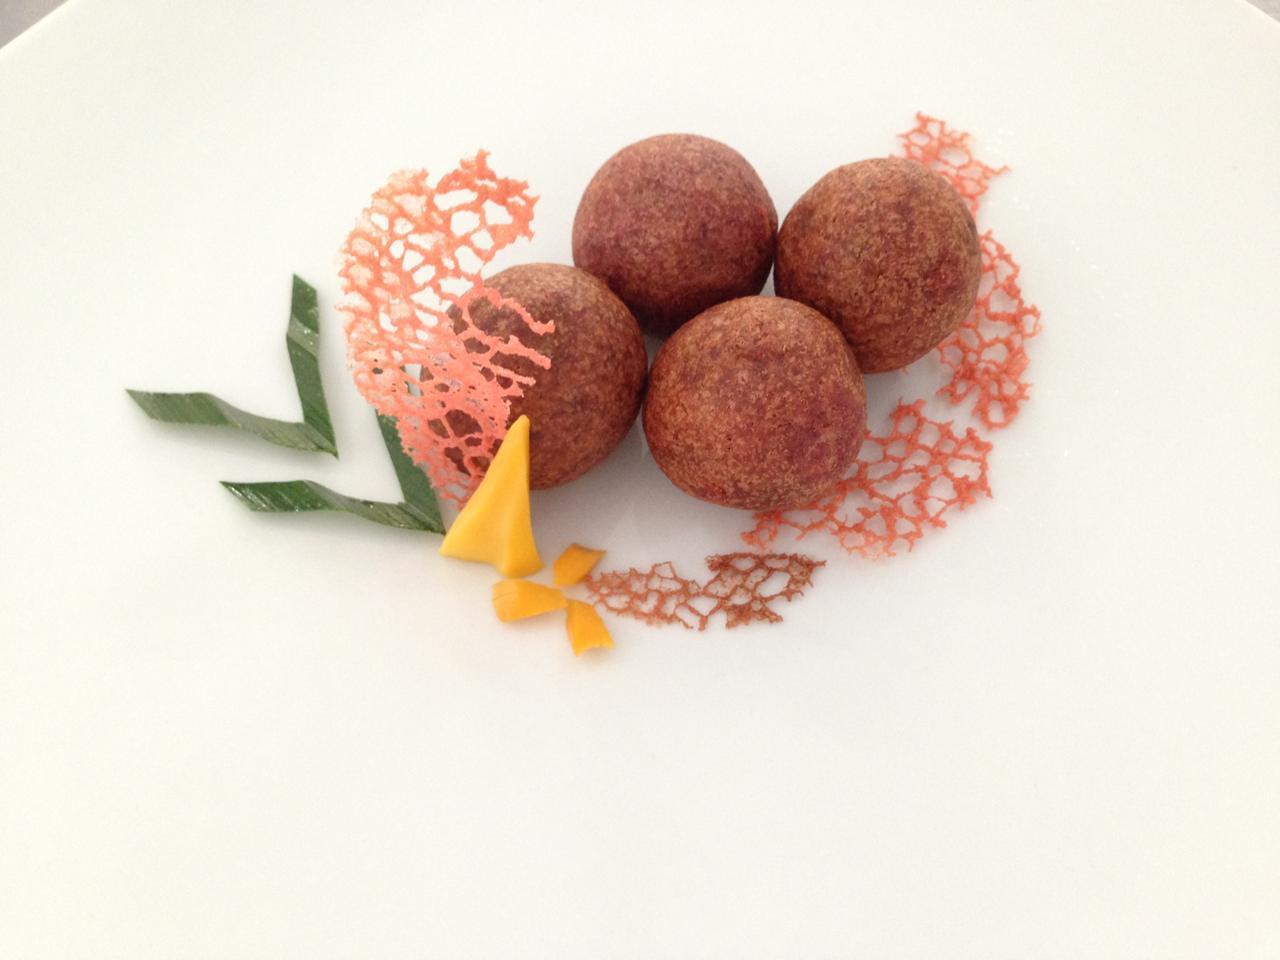 Guguma, Pilus Telo, Dempes, Bola-bola Ubi, Ternyata Satu Makanan Terbuat dari Ubi